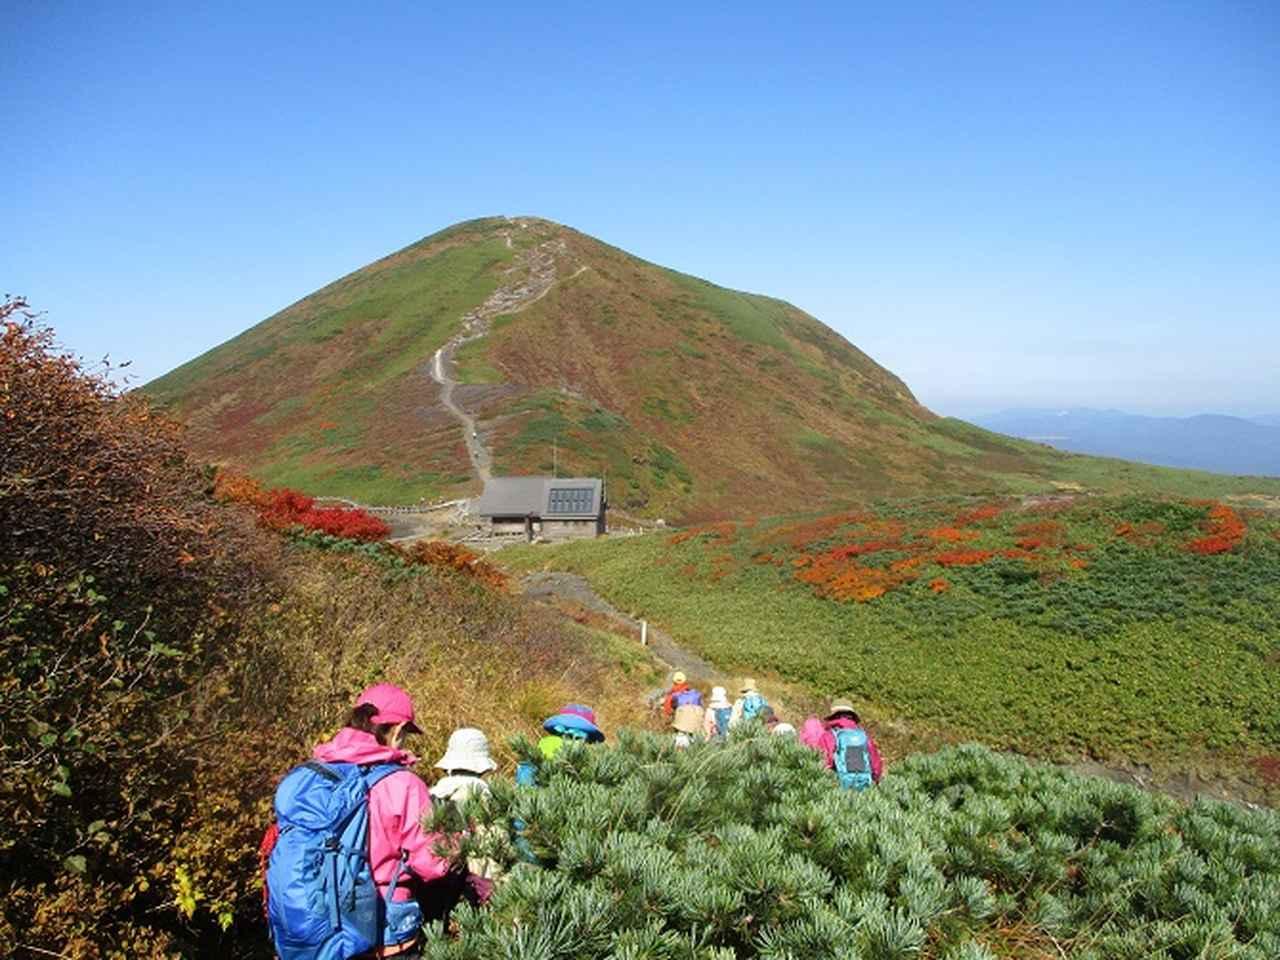 画像1: 9月30日から山旅会 「八幡平・秋田駒ヶ岳」 ツアーに行ってきました!